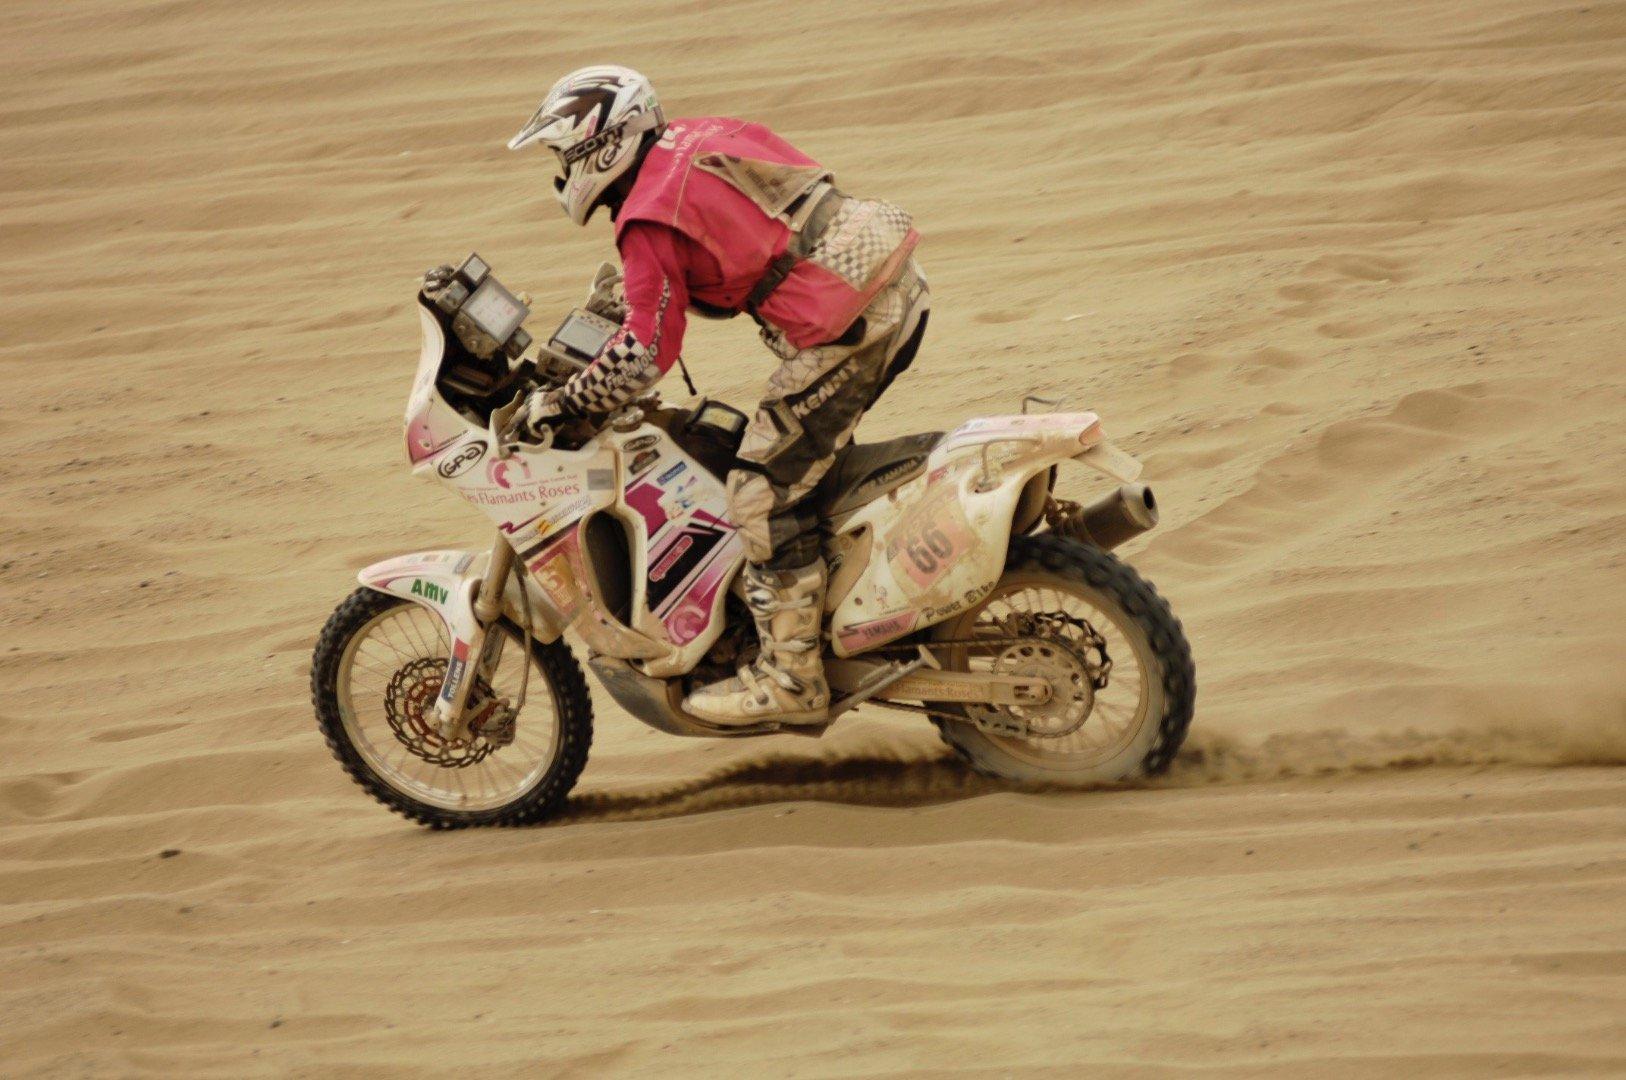 Chasing the Dakar Rally: Beginner Guide